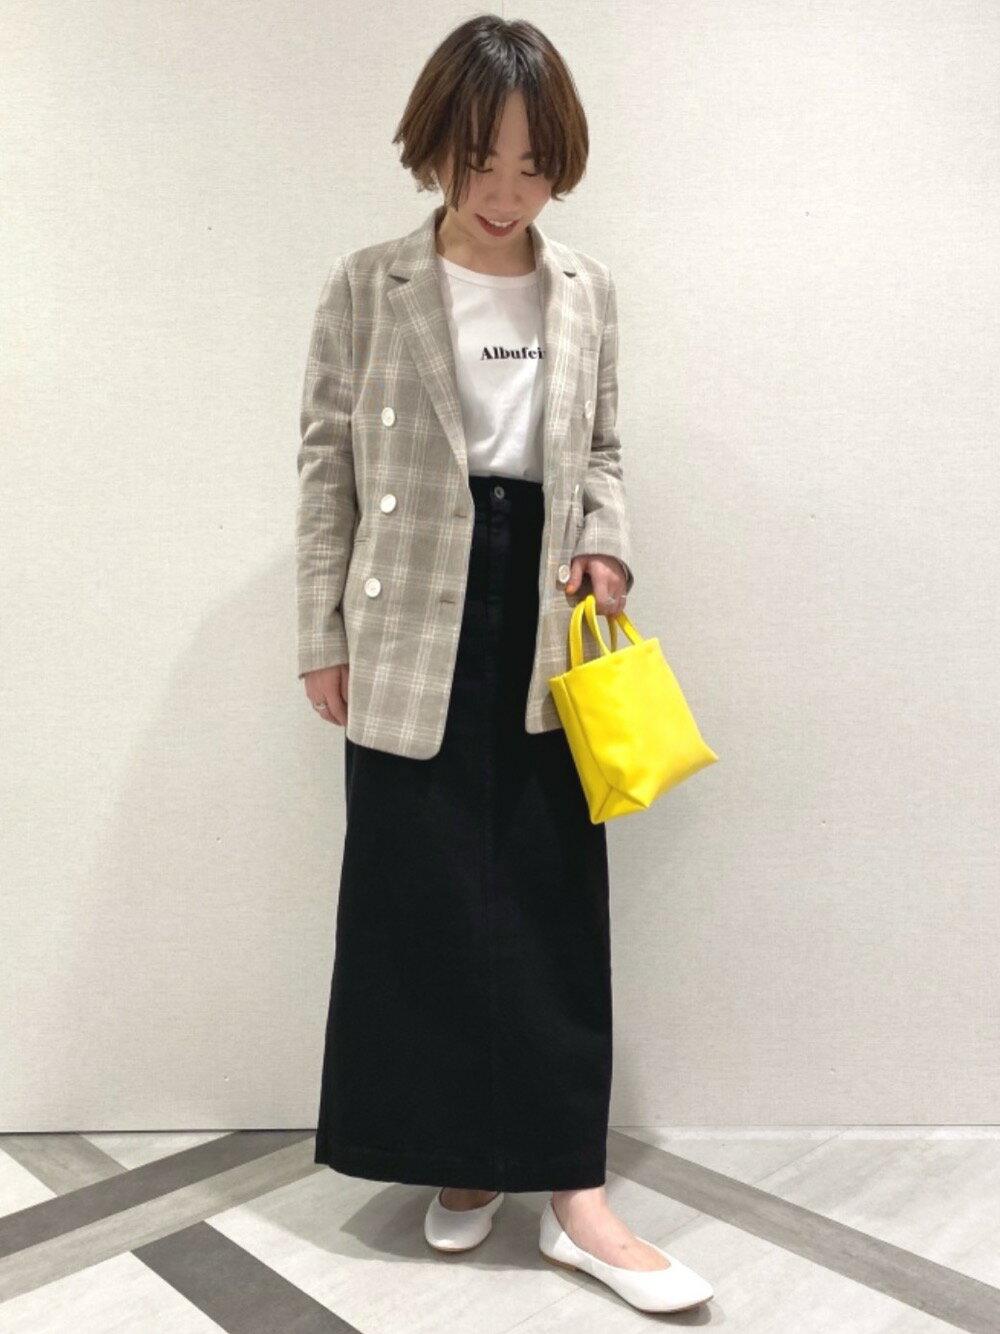 UNITED ARROWS green label relaxingのSC コットン / PU スリット タイト スカートを使ったコーディネートを紹介します。|Rakuten Fashion(楽天ファッション/旧楽天ブランドアベニュー)1095522